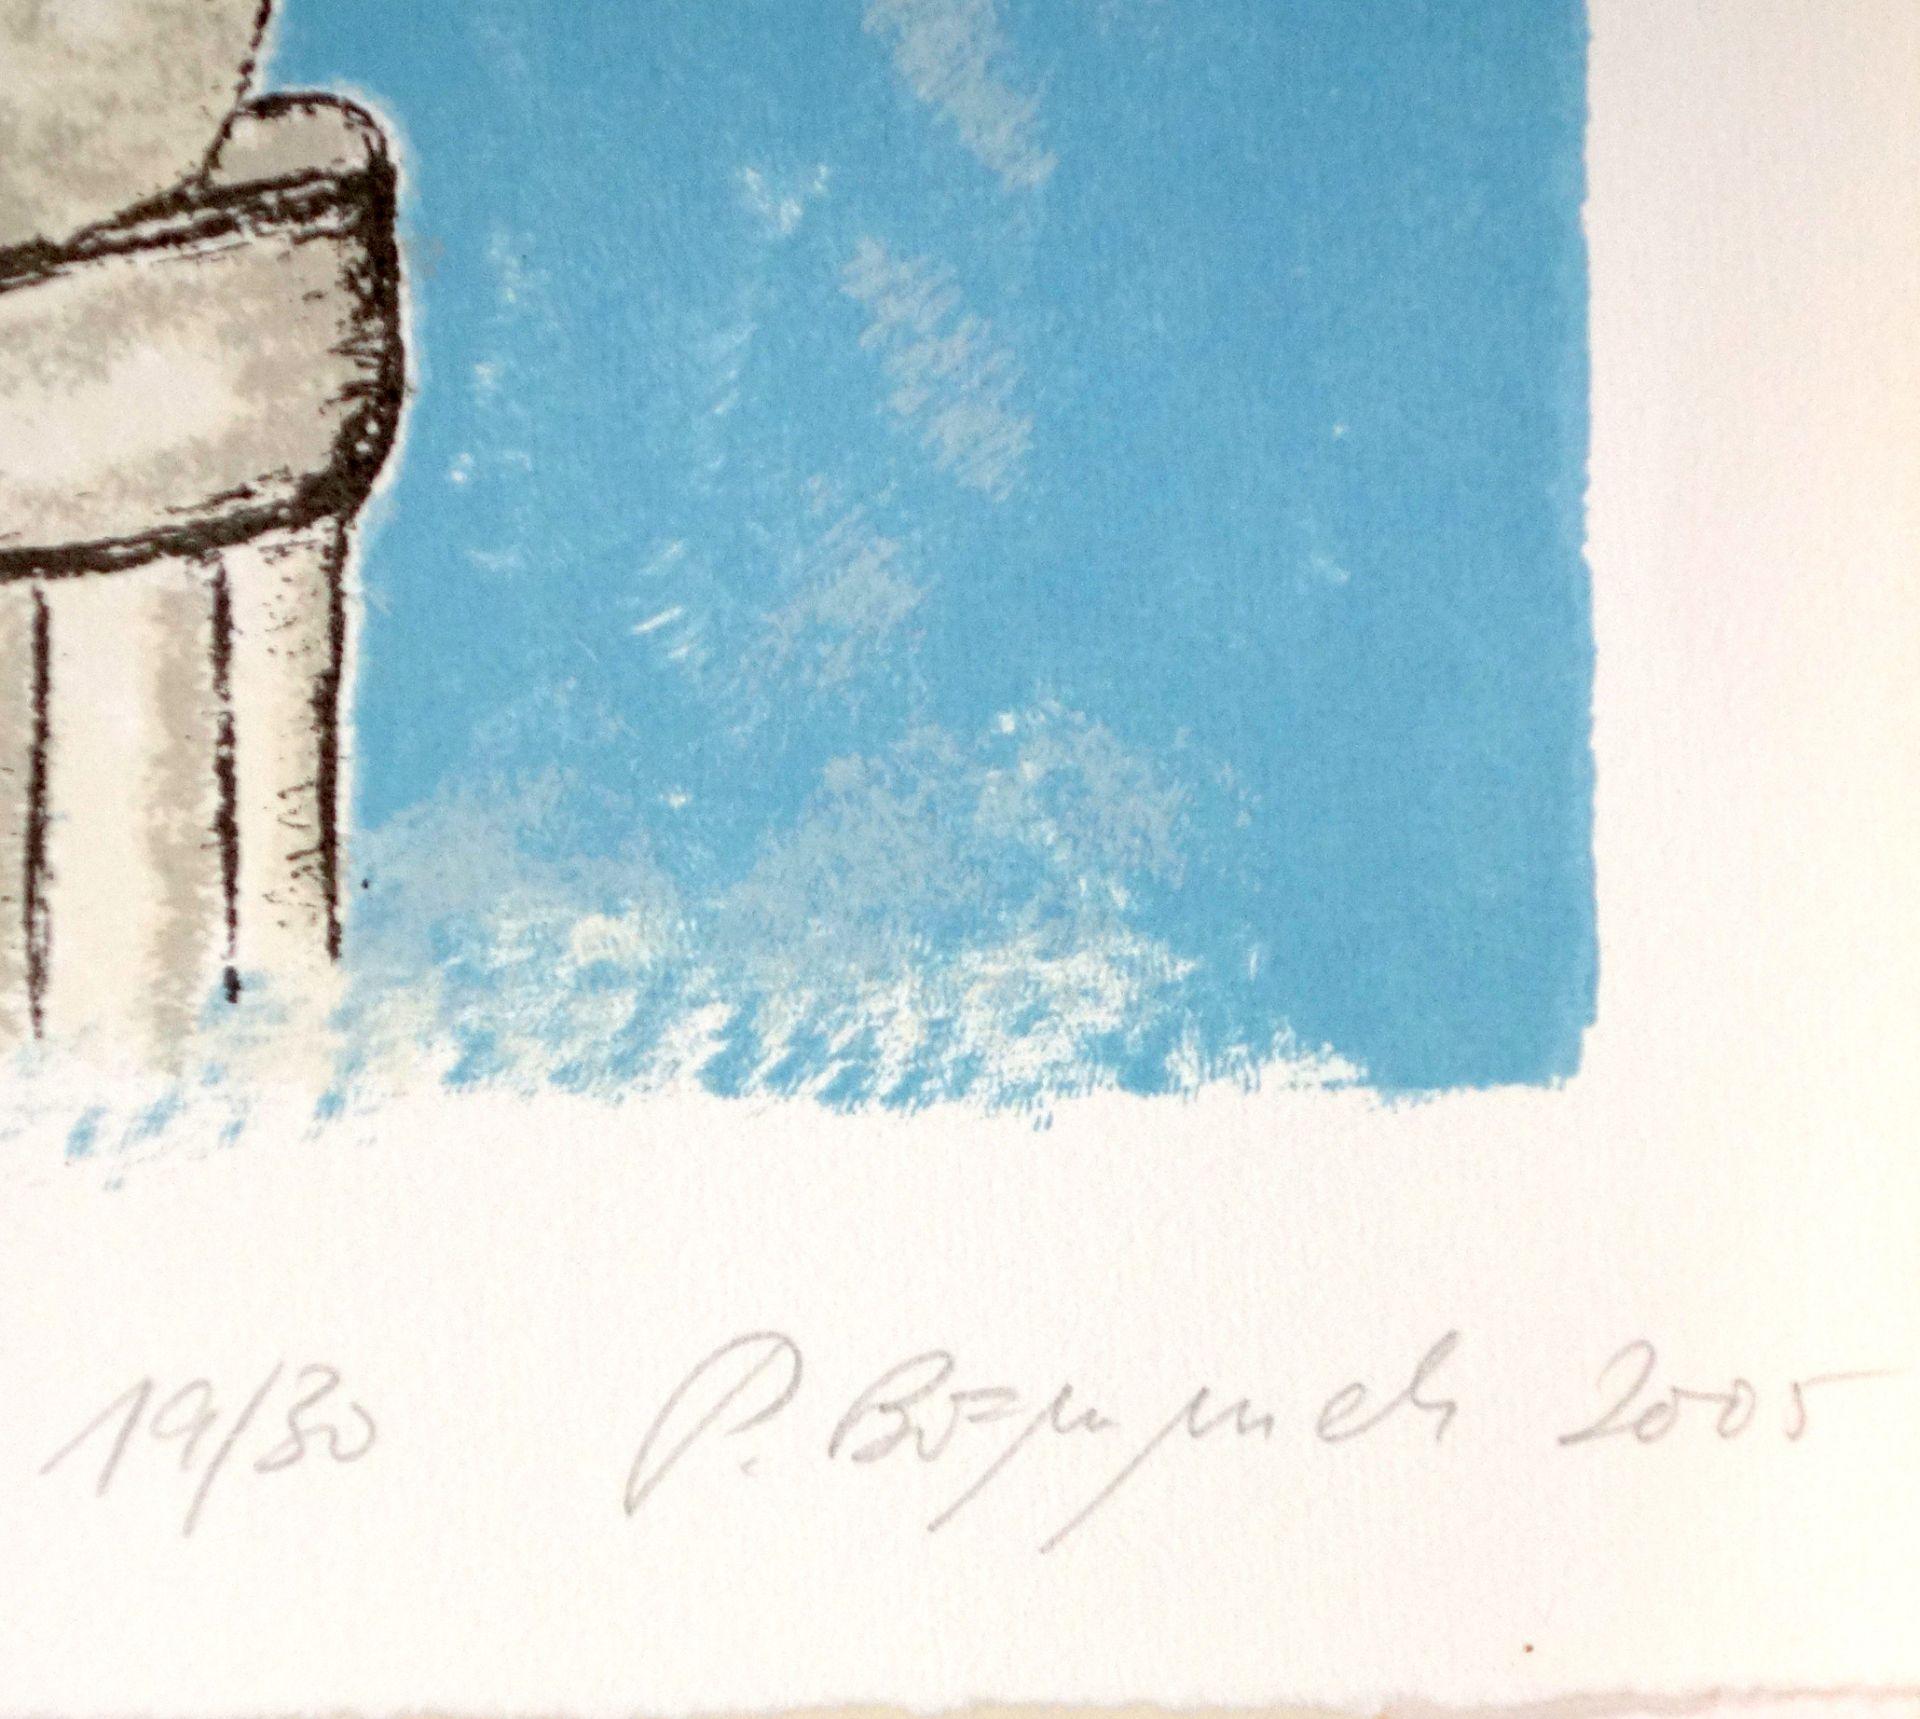 Peter Bömmels (*1951) Ohne Titel (2005) - Bild 2 aus 2